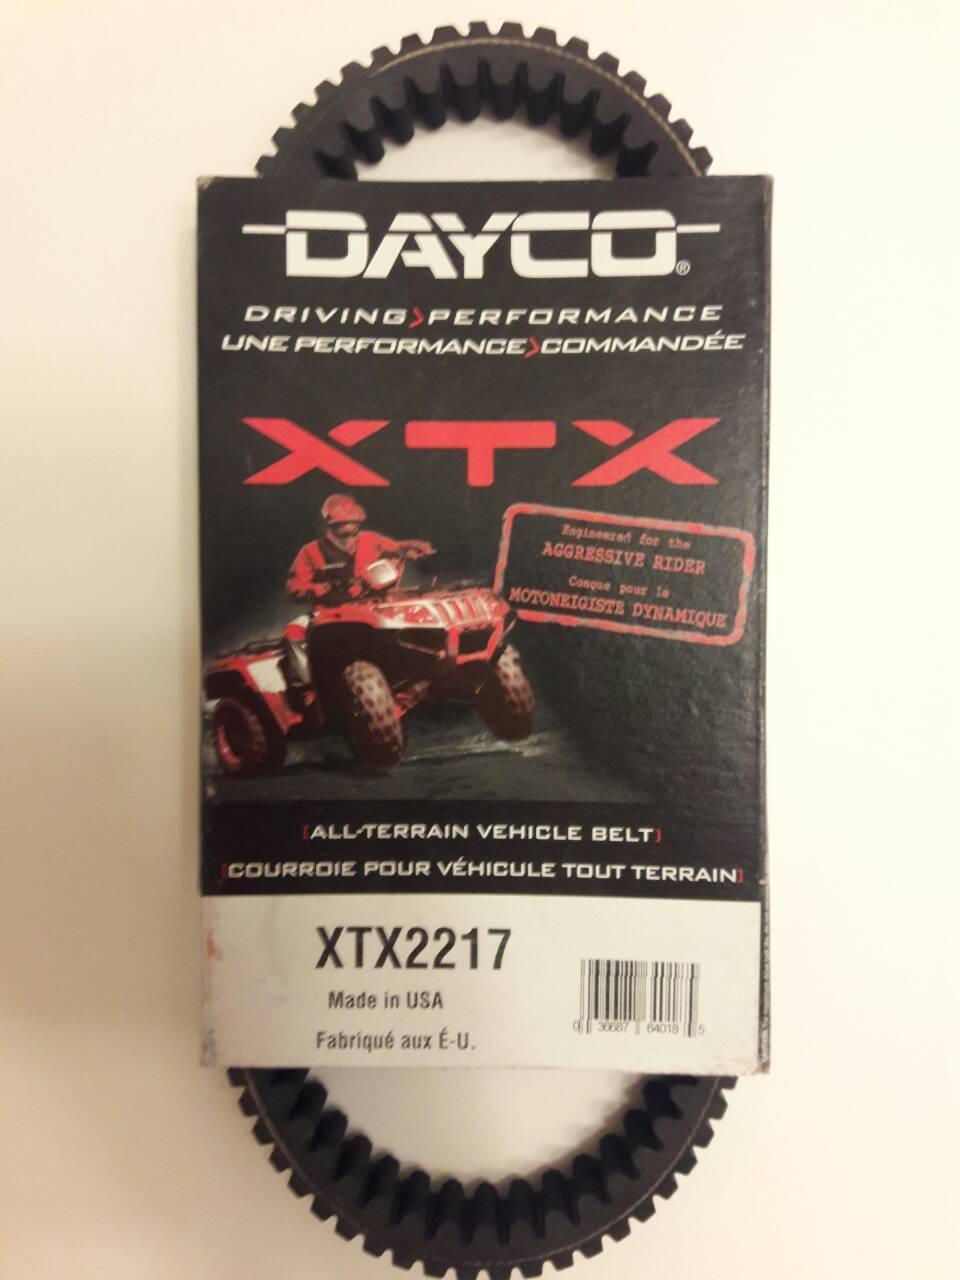 Dayco - XTX2217 - XTX Xtreme Torque ATV Belt, 59011-0003, 59011-0019